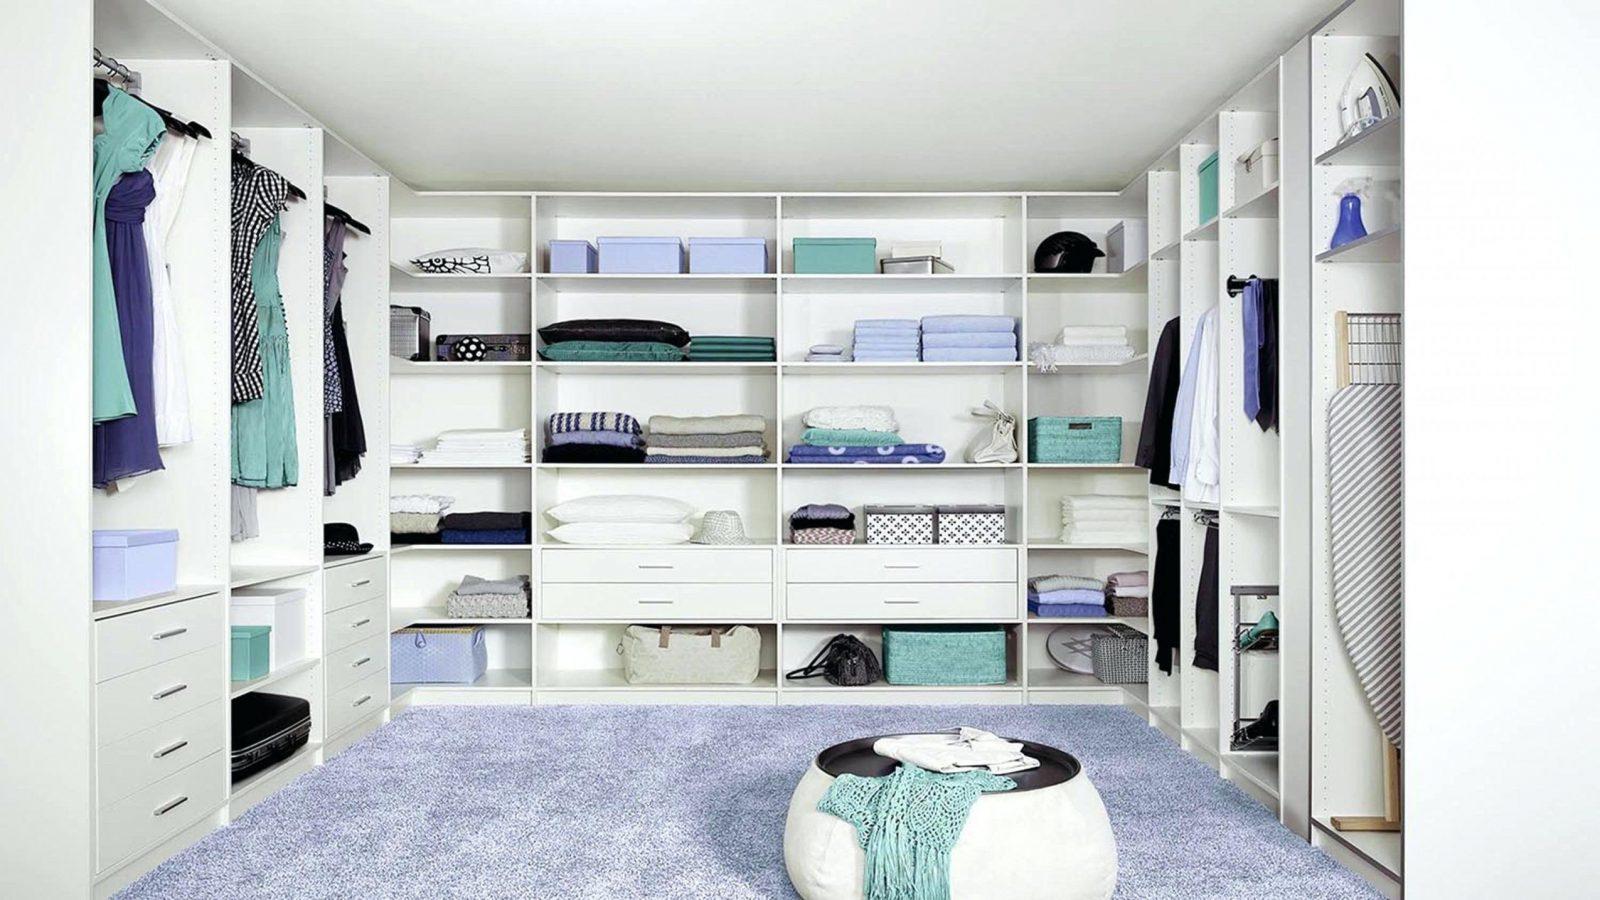 Awesome Begehbare Kleiderschranke Begehbarer Kleiderschrank Ikea von Begehbarer Kleiderschrank Selber Bauen Kosten Bild